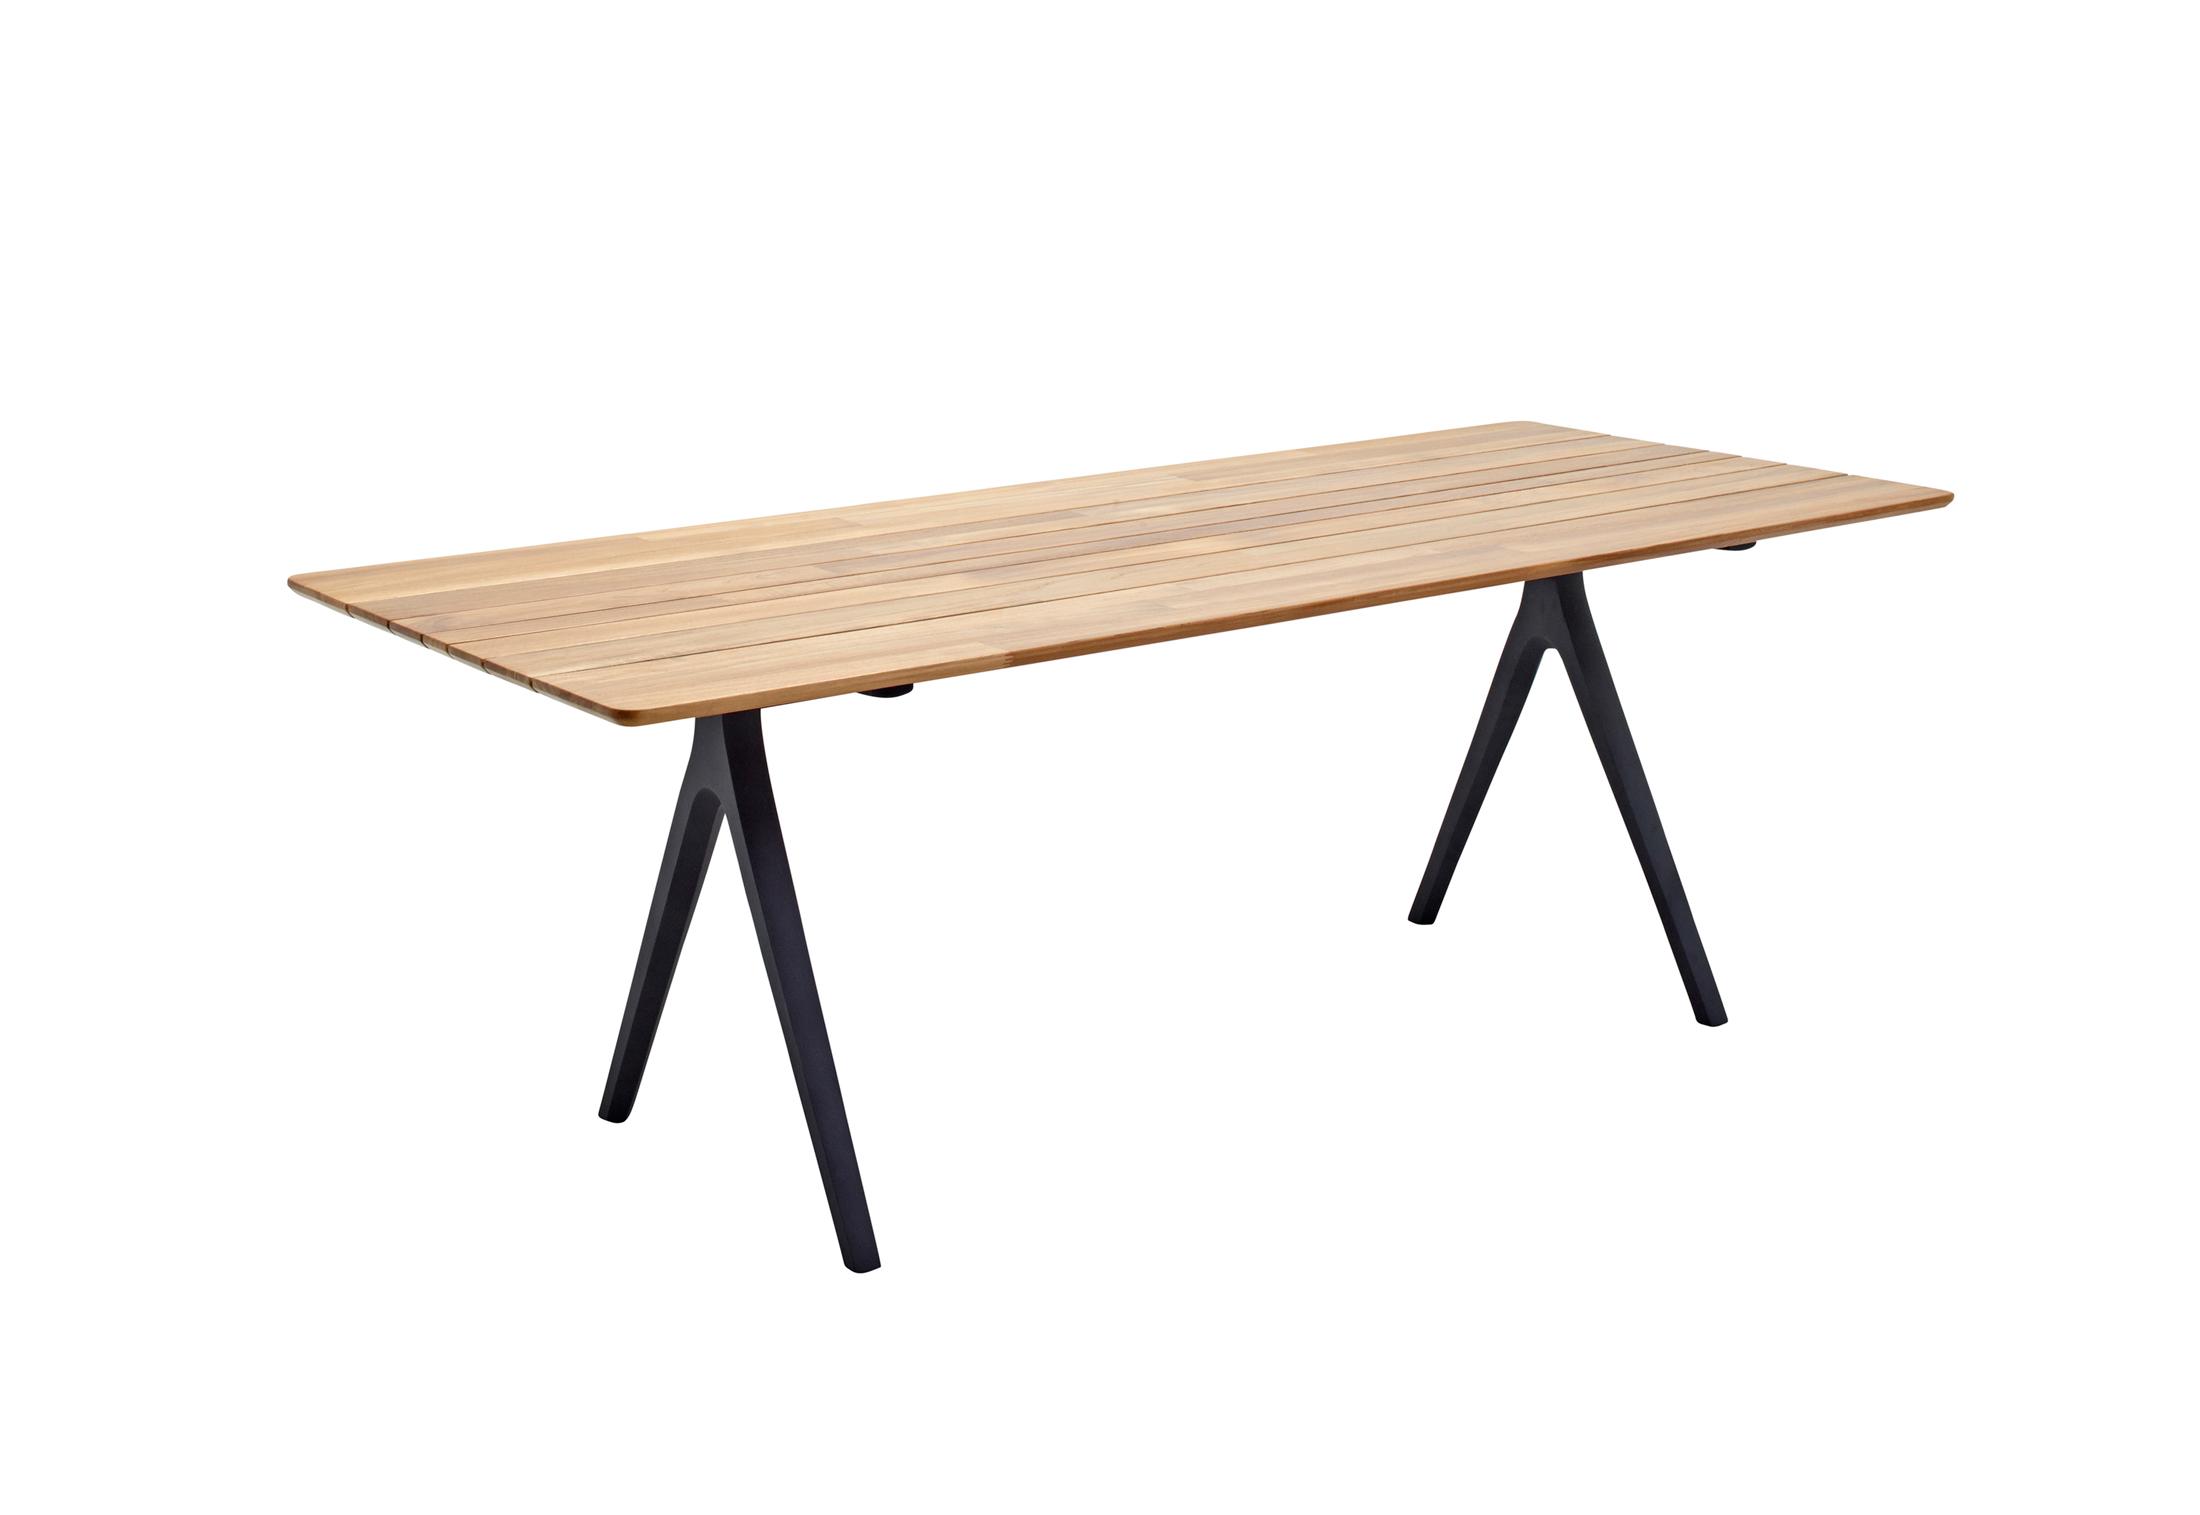 split esstisch 220 von gloster furniture stylepark. Black Bedroom Furniture Sets. Home Design Ideas